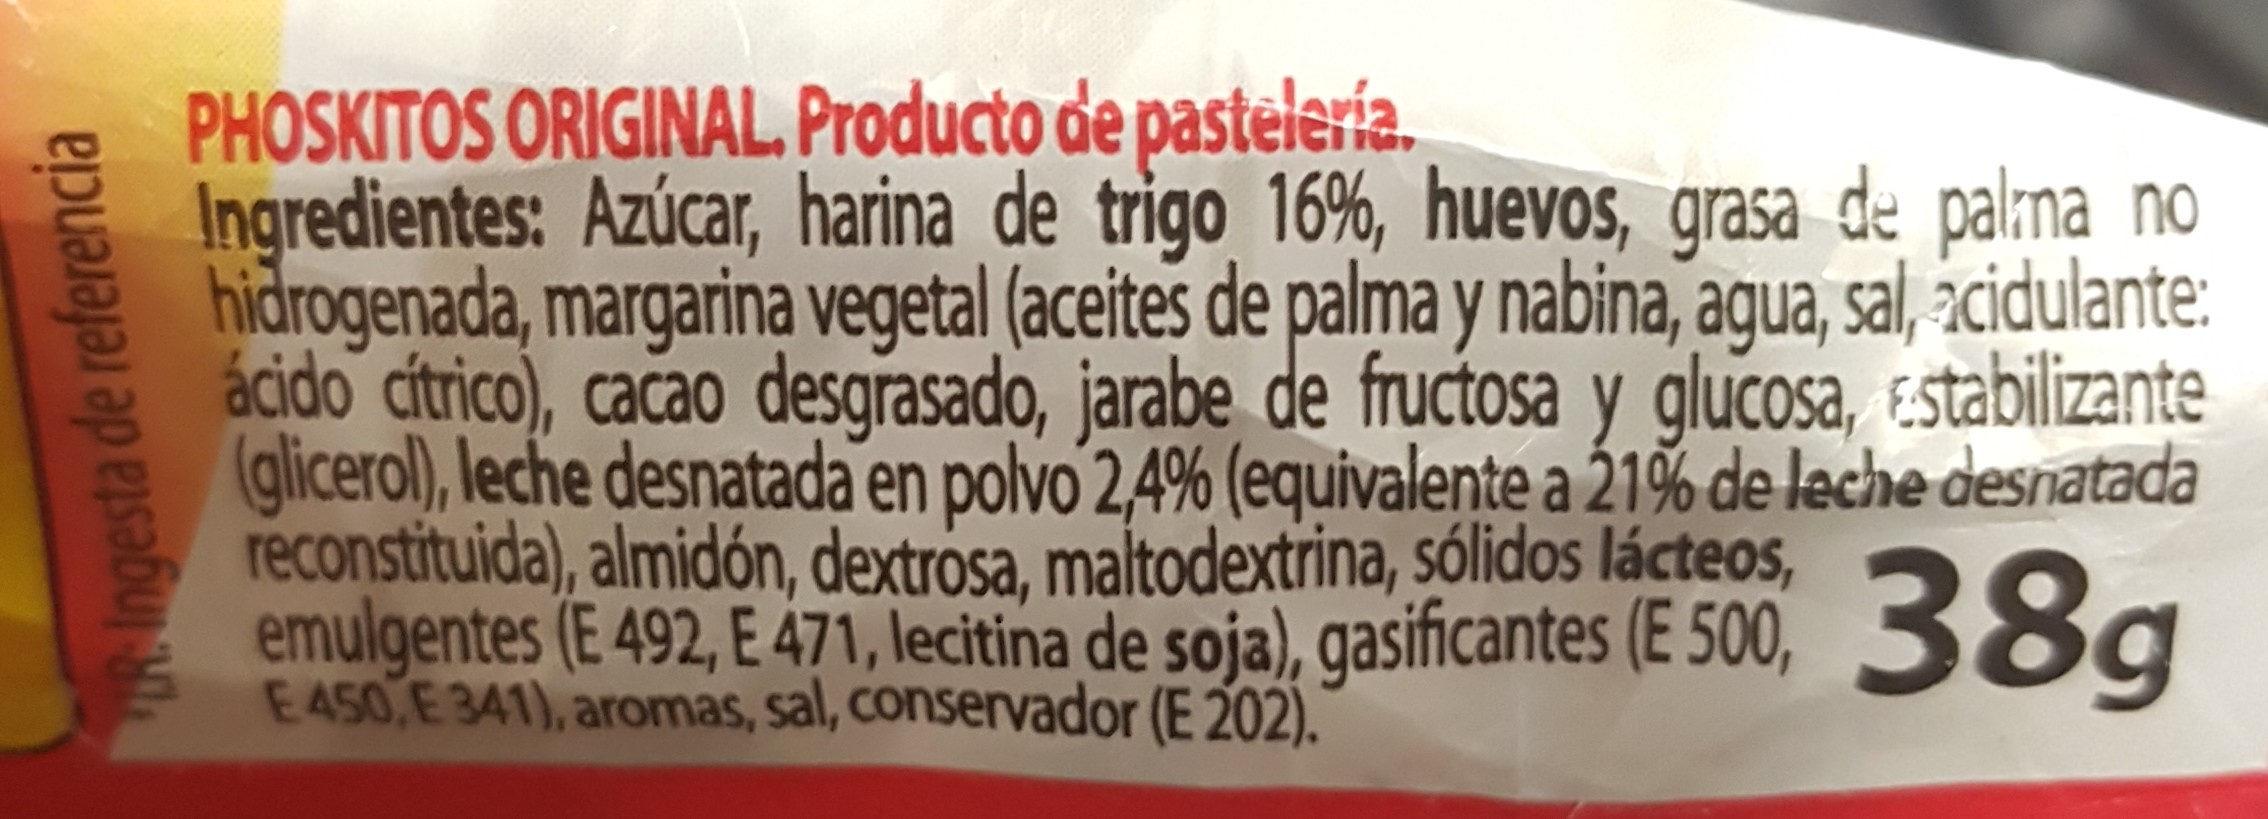 Phoskitos - Ingredientes